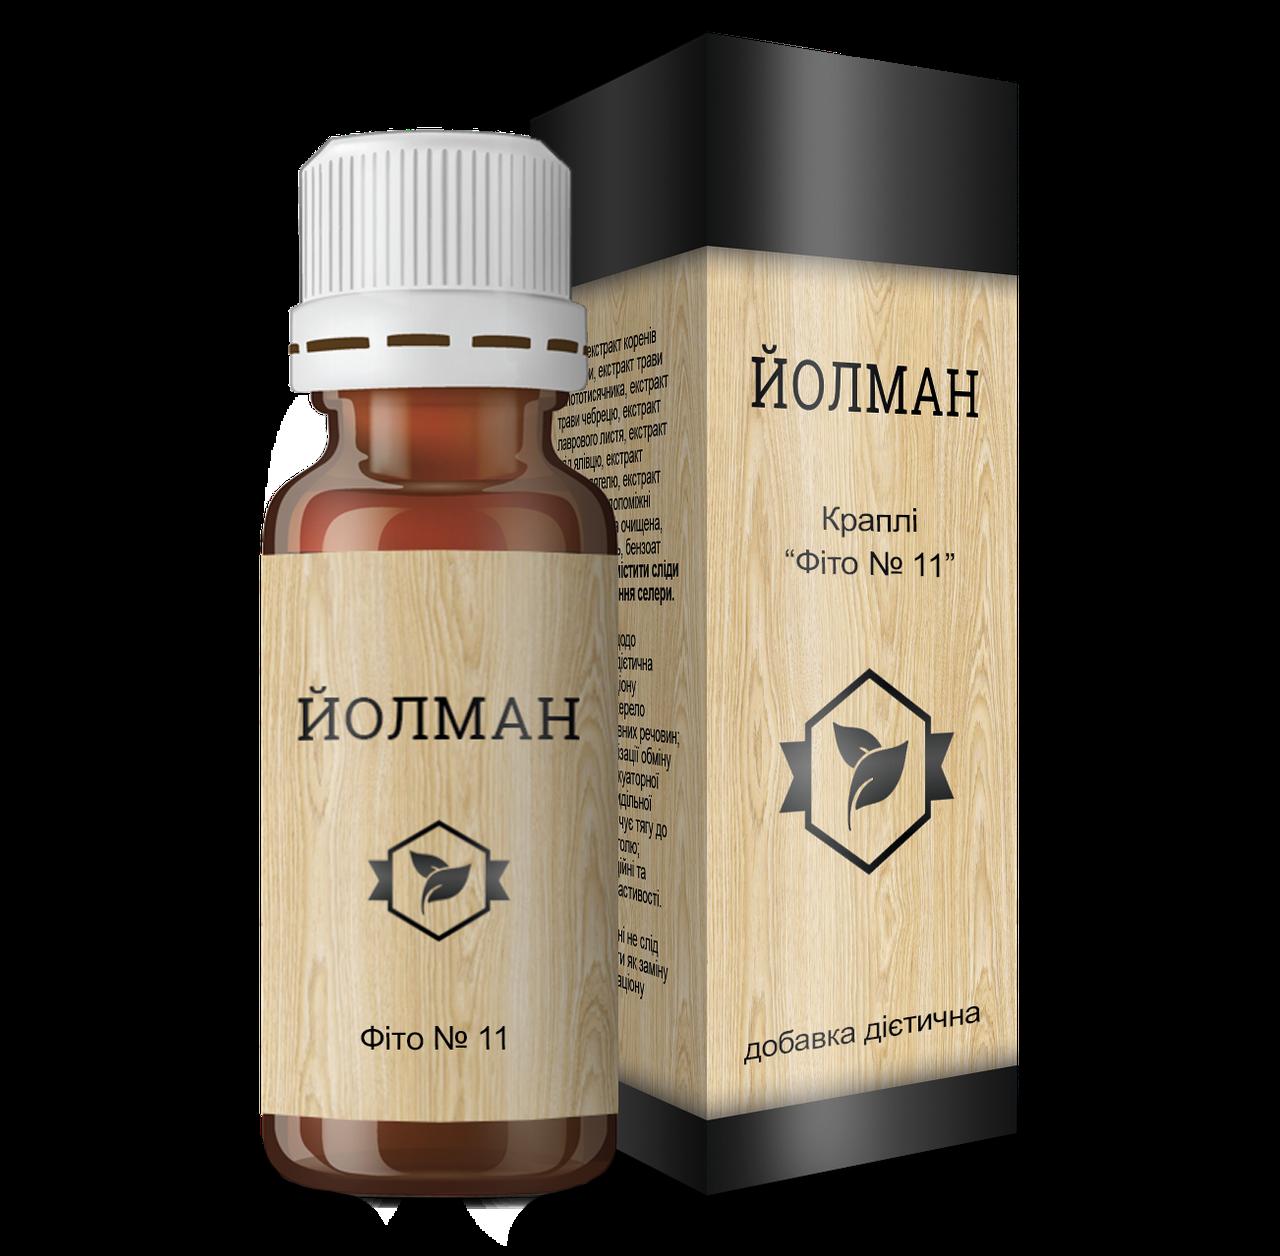 Йолман №11 – краплі для нормалізації тиску